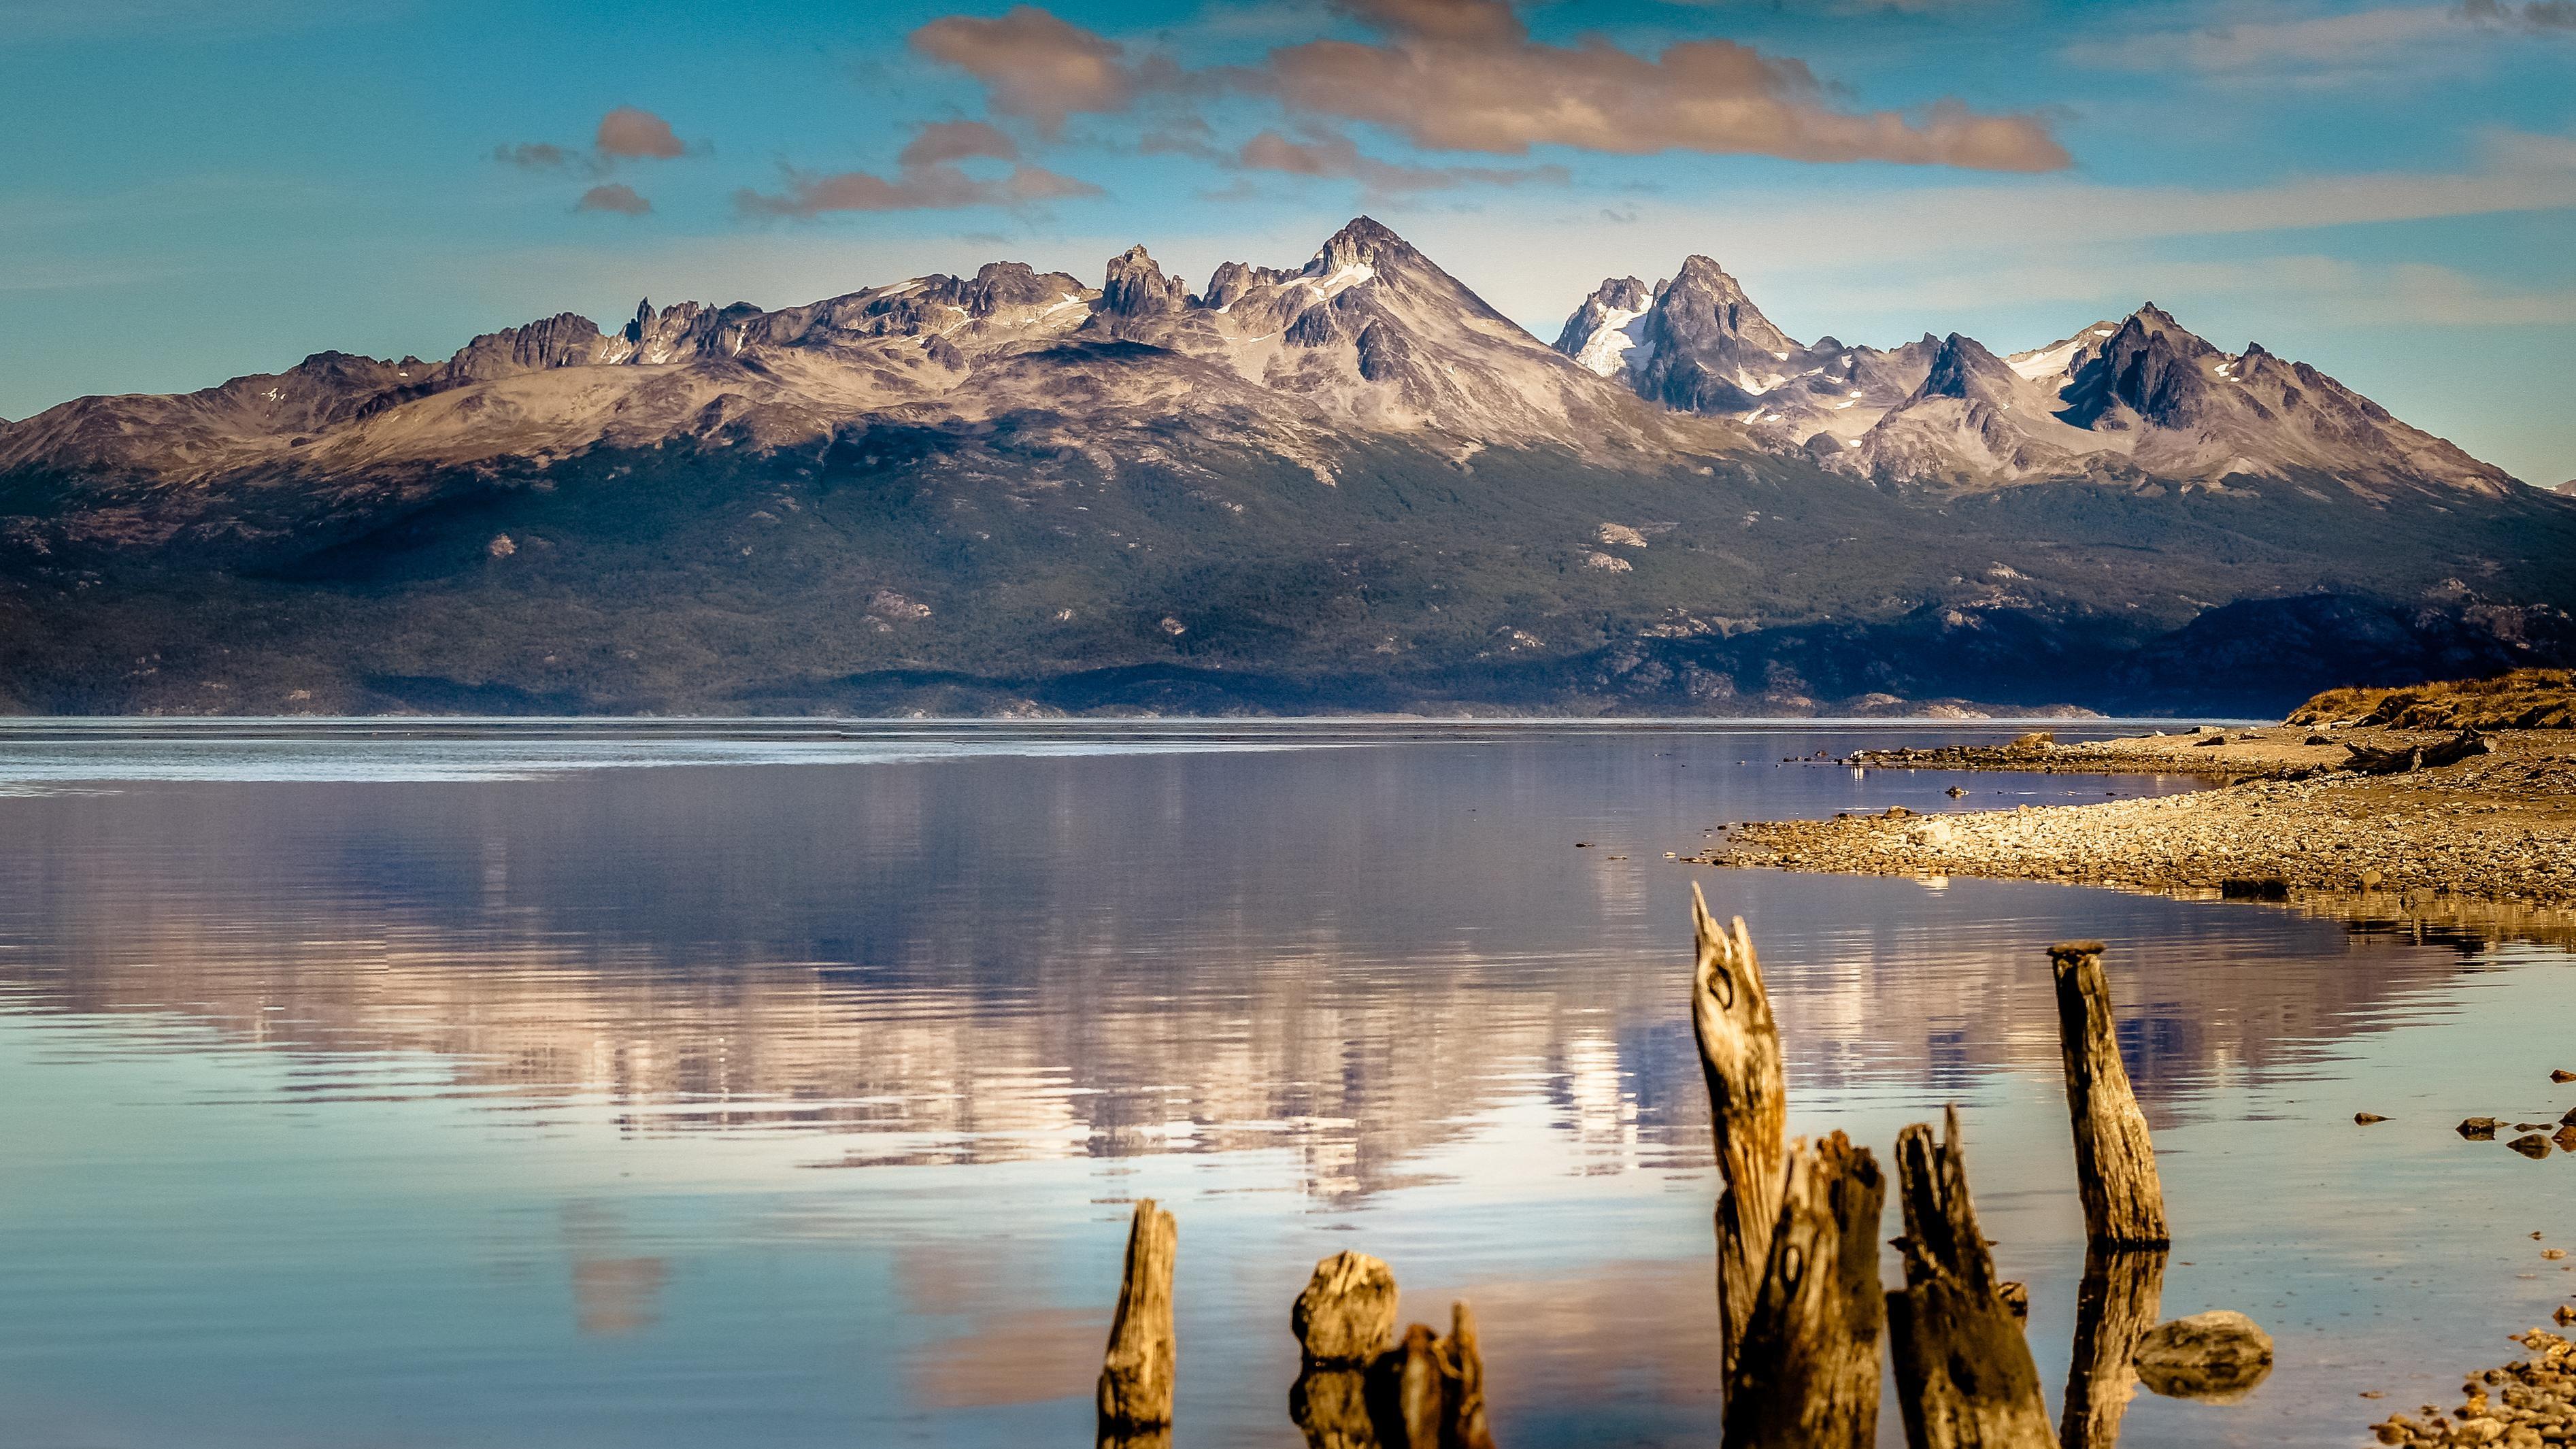 Valley Hi Kia >> mountain Wallpaper, Nature: mountain, lake, sea, Ushuaia, Argentina